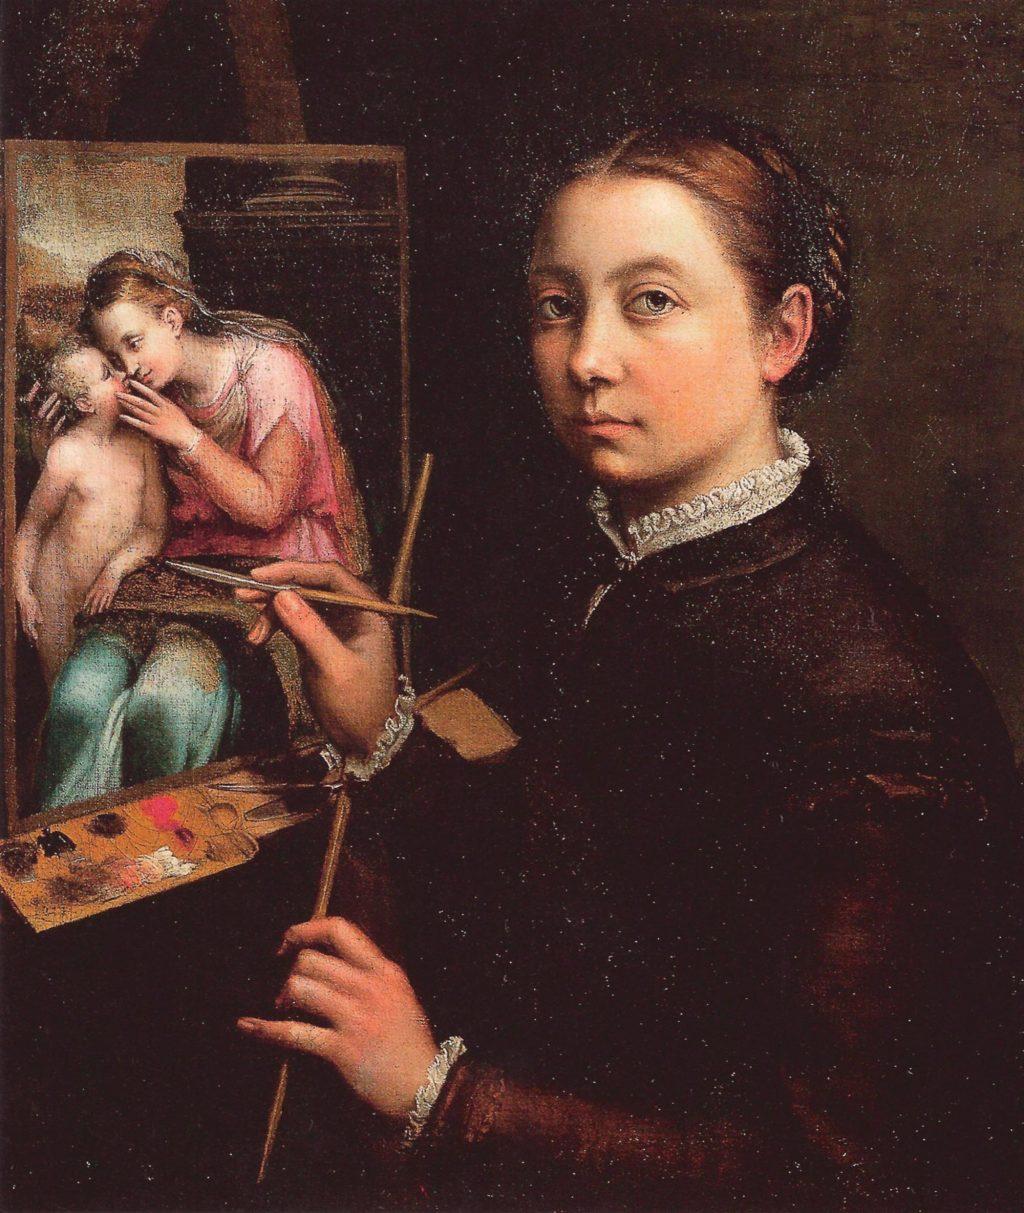 Chân dung tự họa của nữ họa sĩ người Ý Sofonisba Anguissola (1530 – 1625).